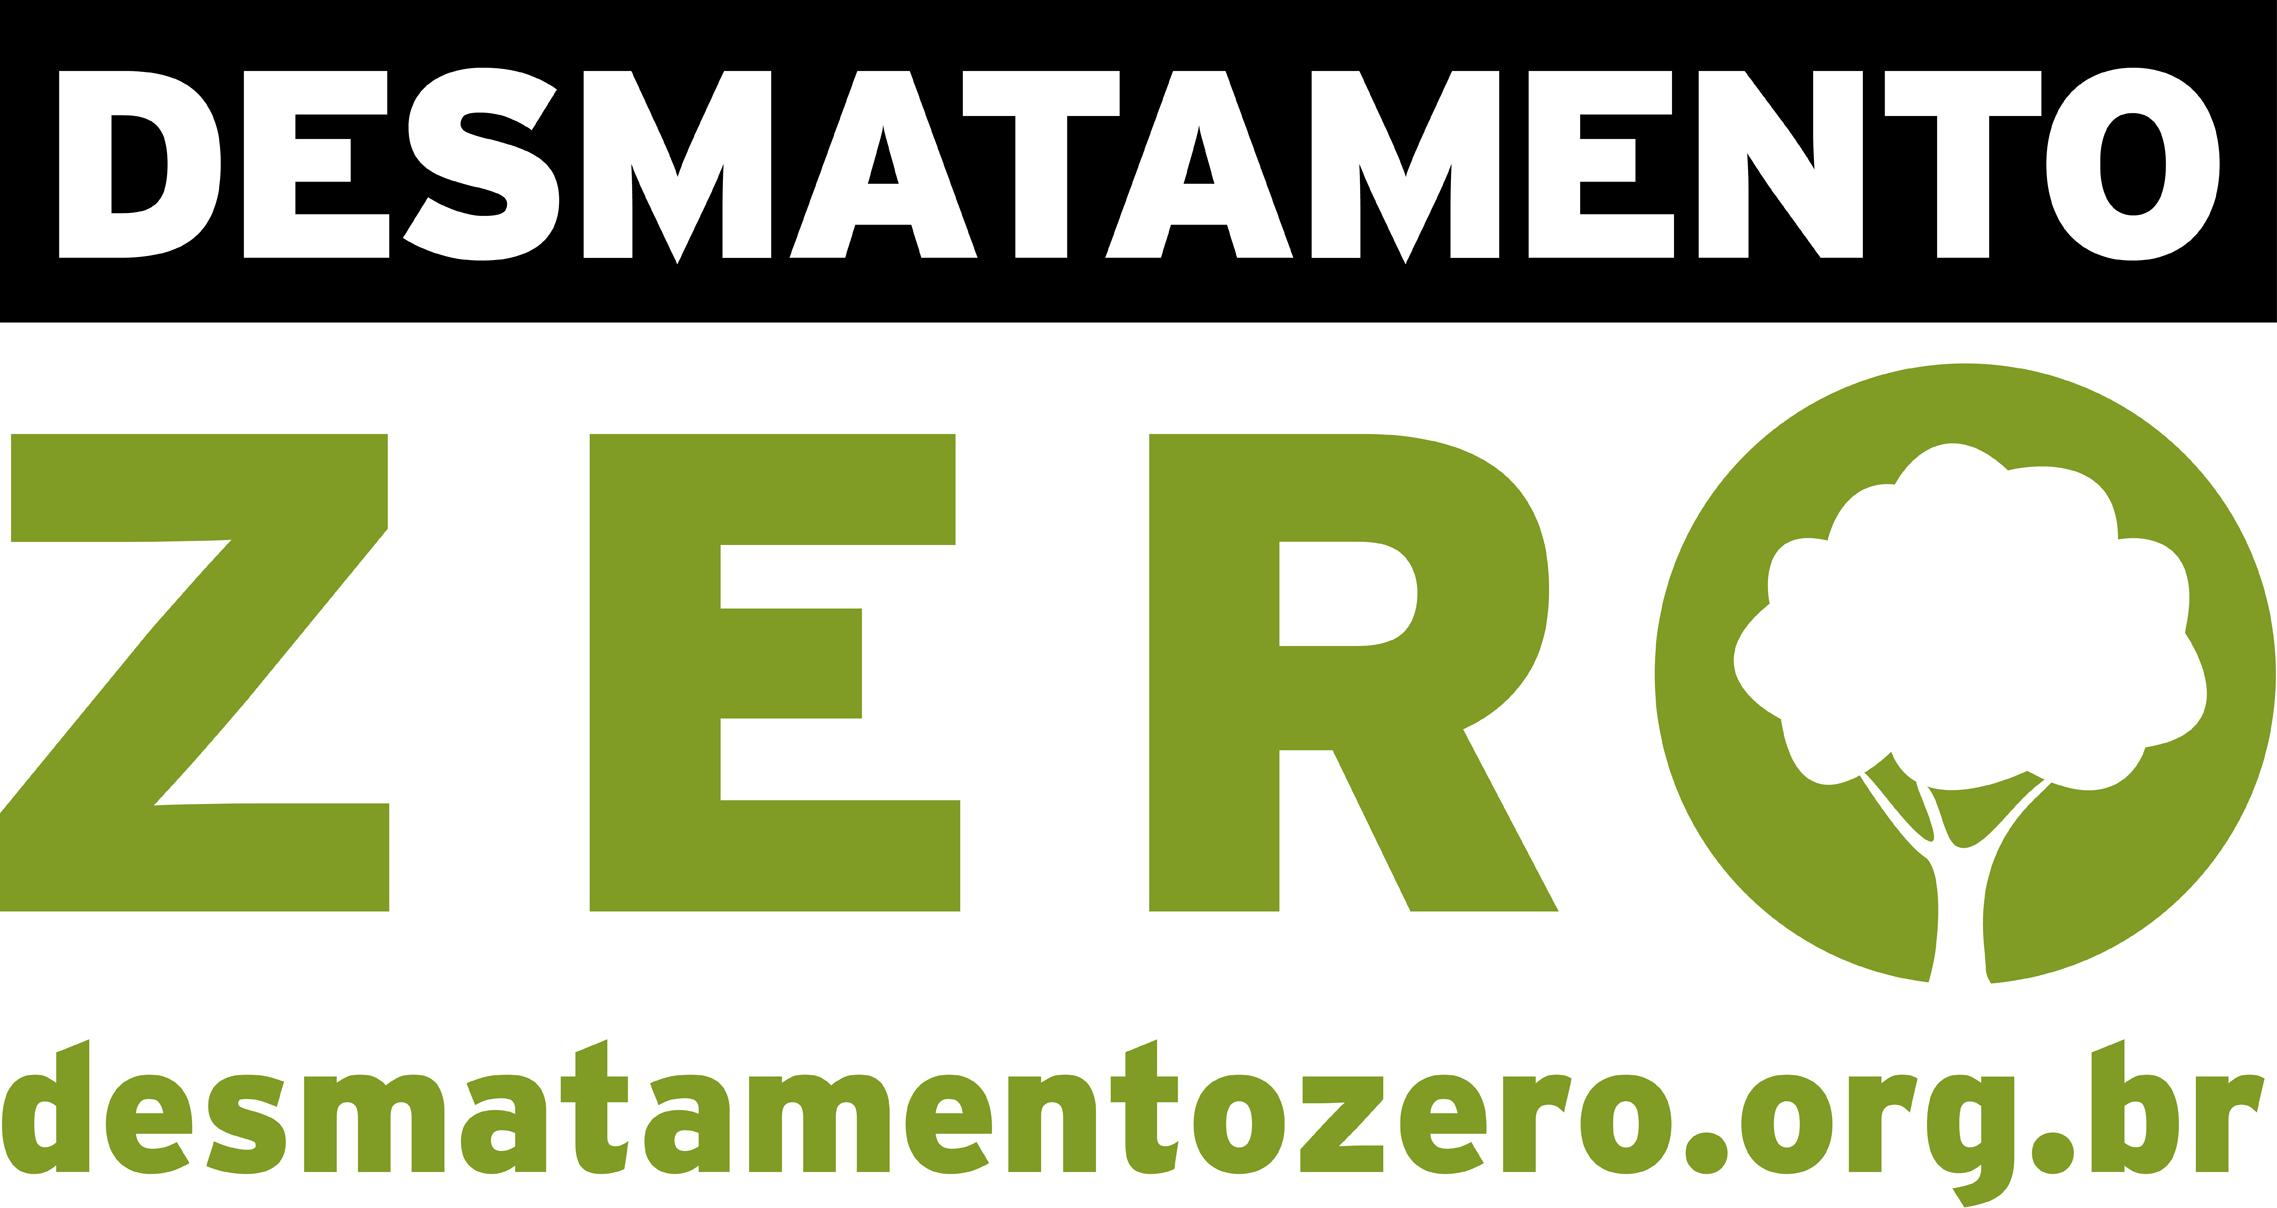 Resultado de imagem para desmatamento zero